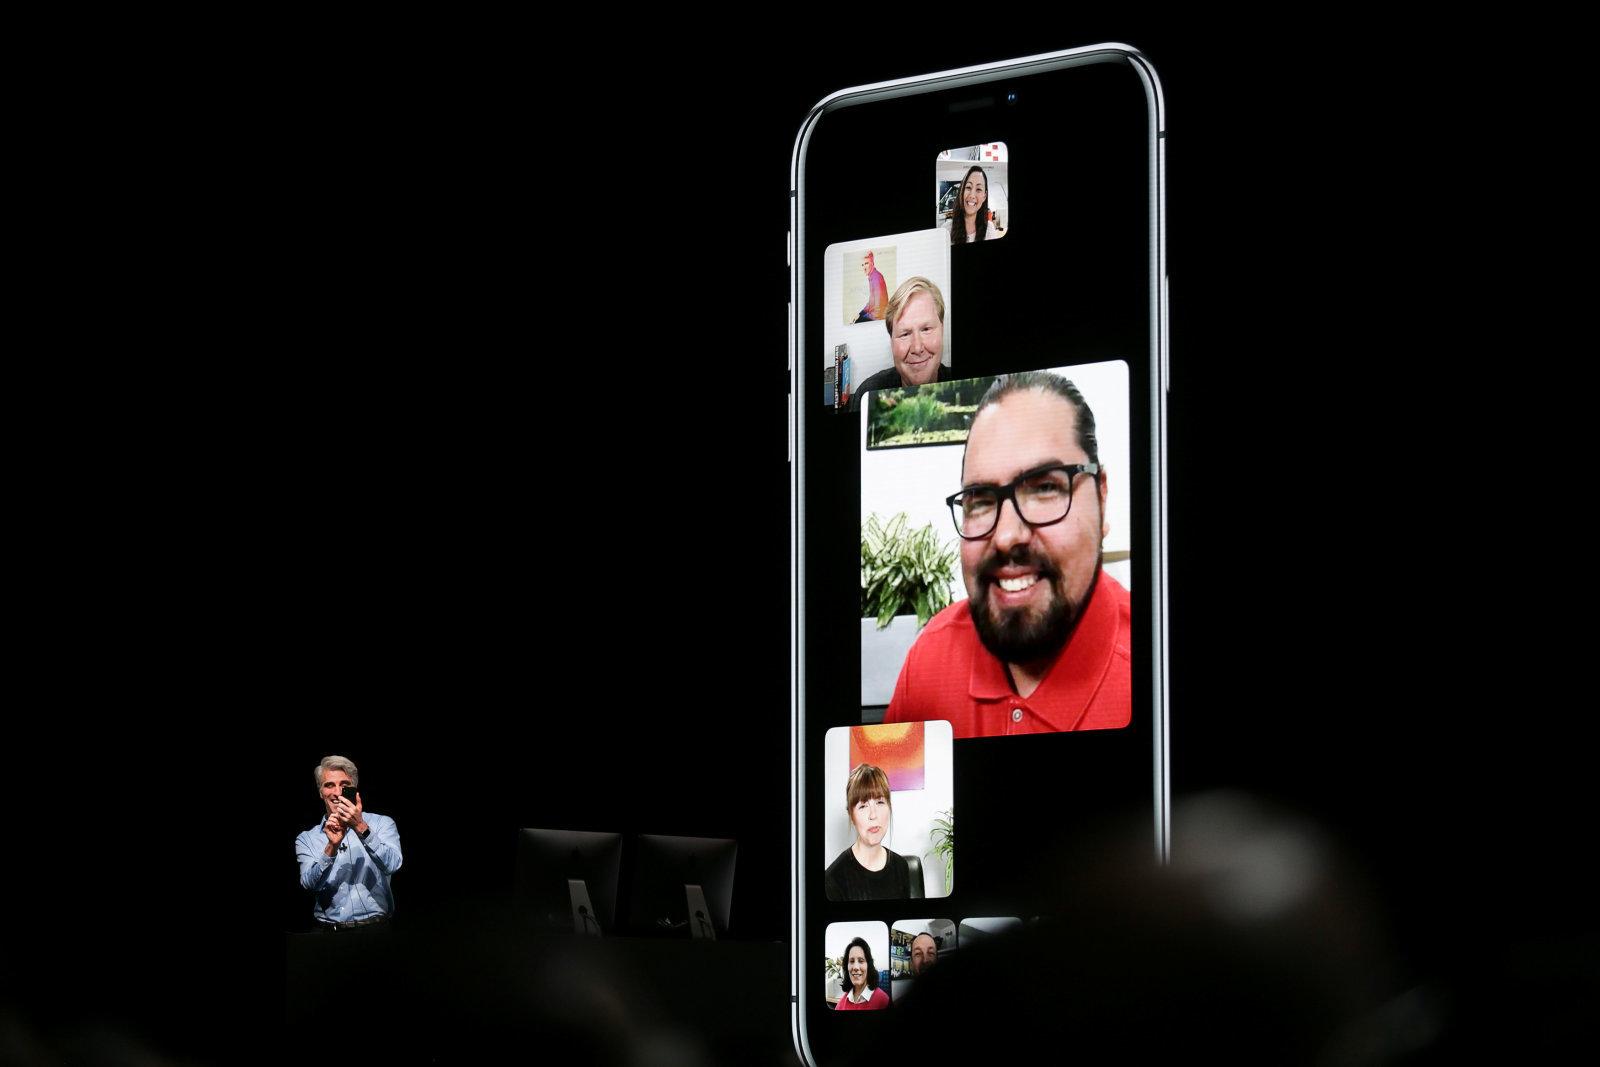 آپدیت باگ فیس تایم اپل به تاخیر افتاد!